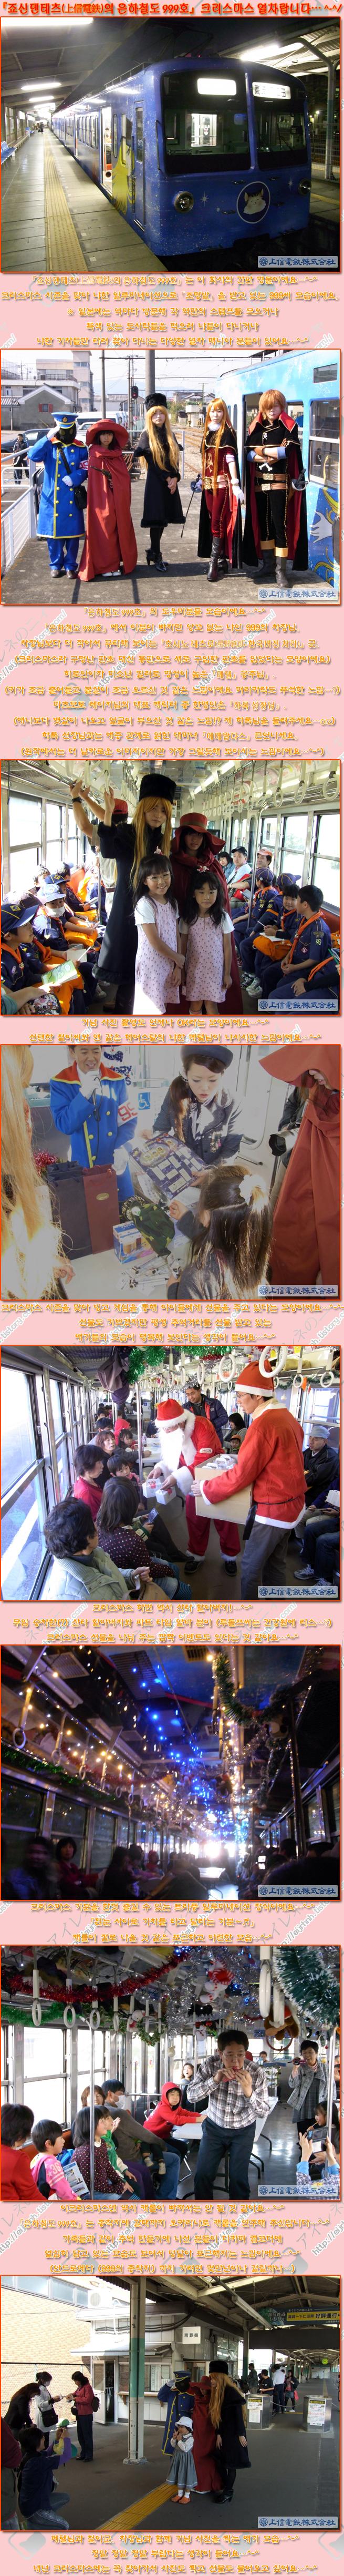 [일본] 행복을 싣고 달리는 즐거운 크리스마스 기차…^-^